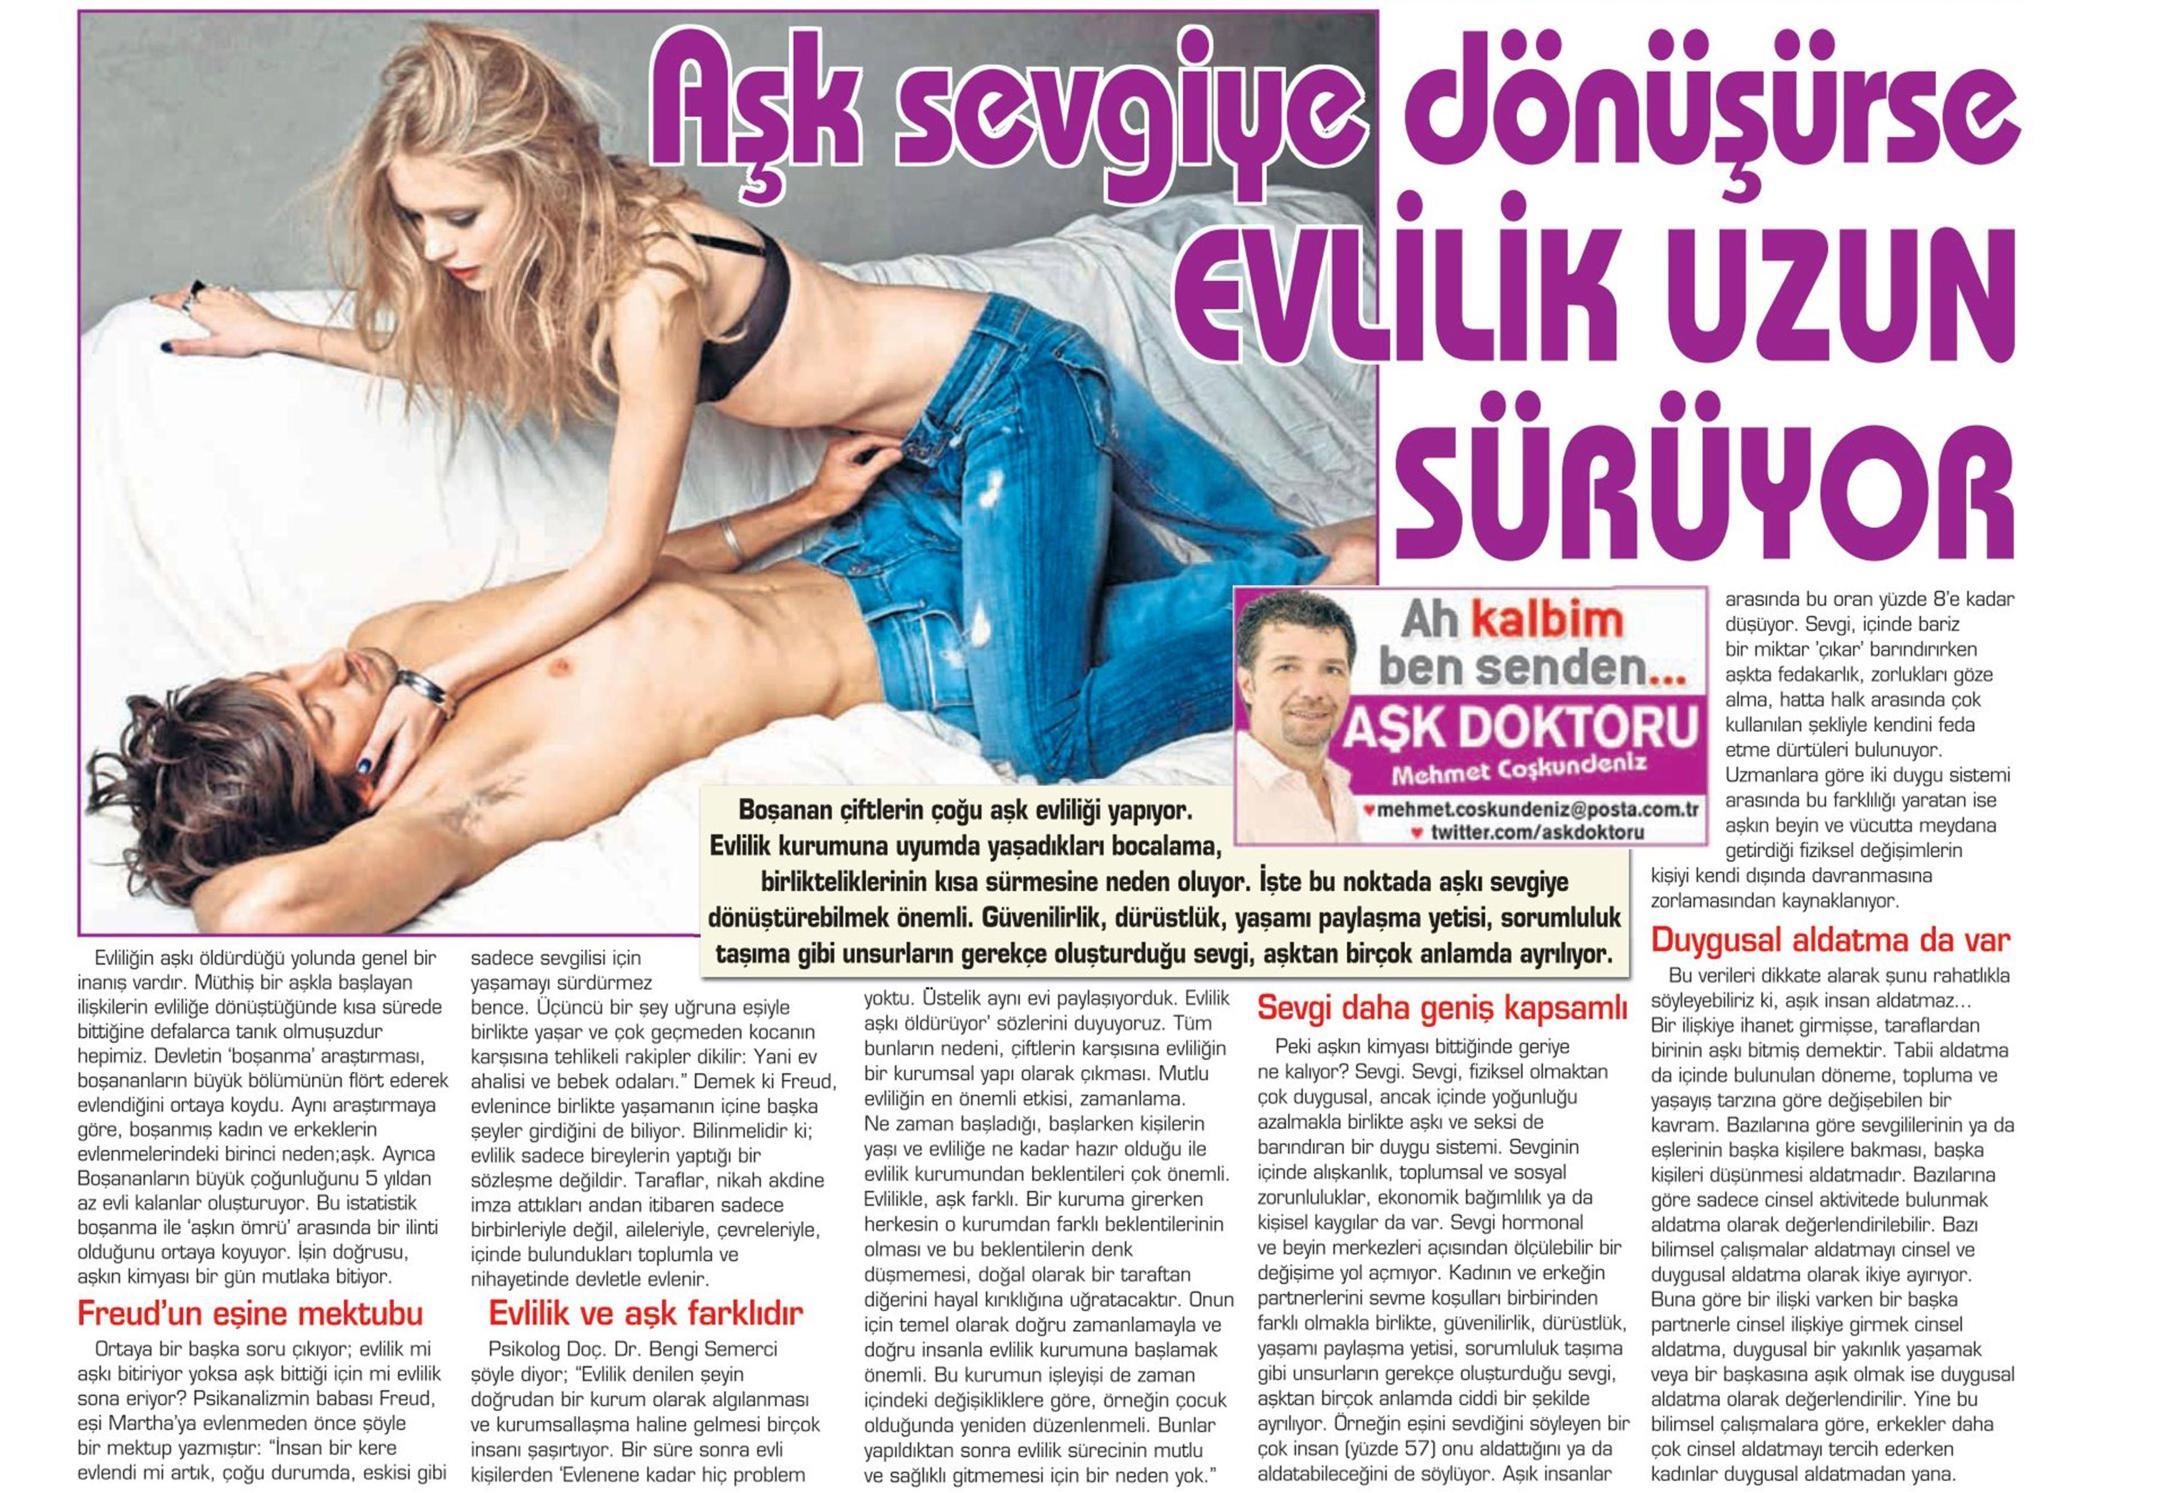 Aşk sevgiye dönüşürse evlilik uzun sürüyor - POSTA CUMARTESİ 23.08.2014